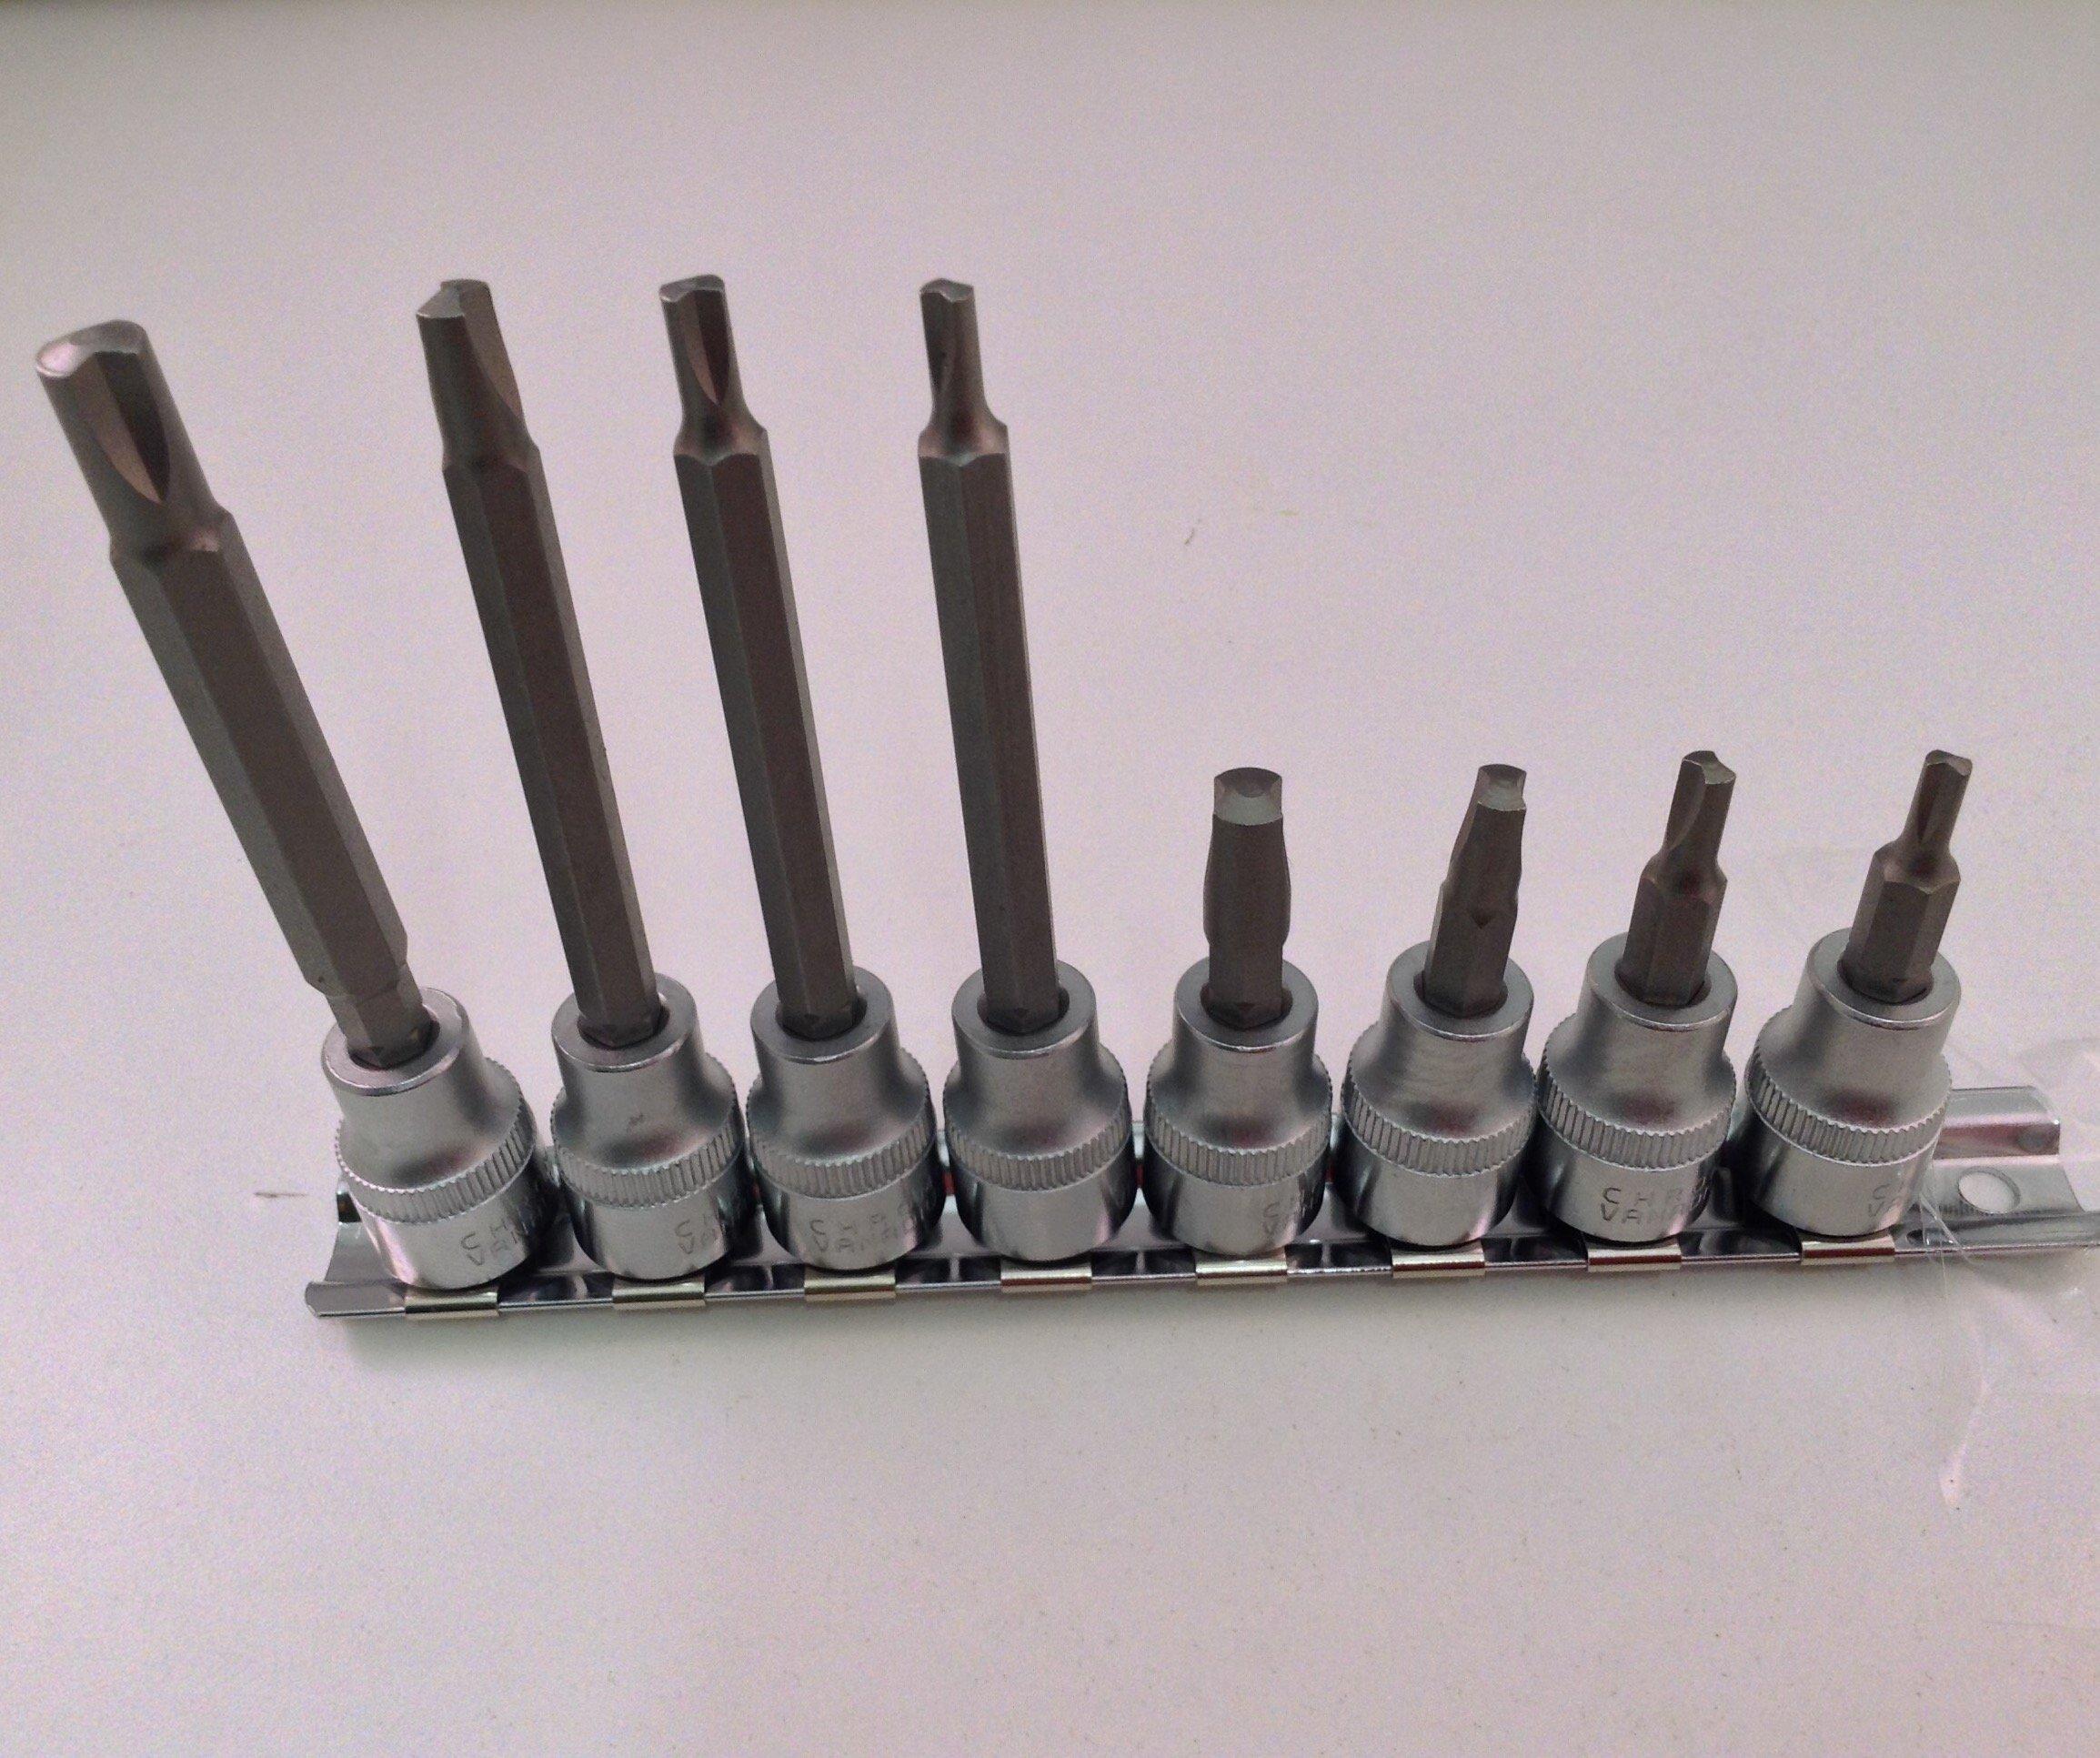 8 Pc. Clutch Head Bit Socket Set 3/8'' Drive Long & Short Shaft Bits by AK Garage